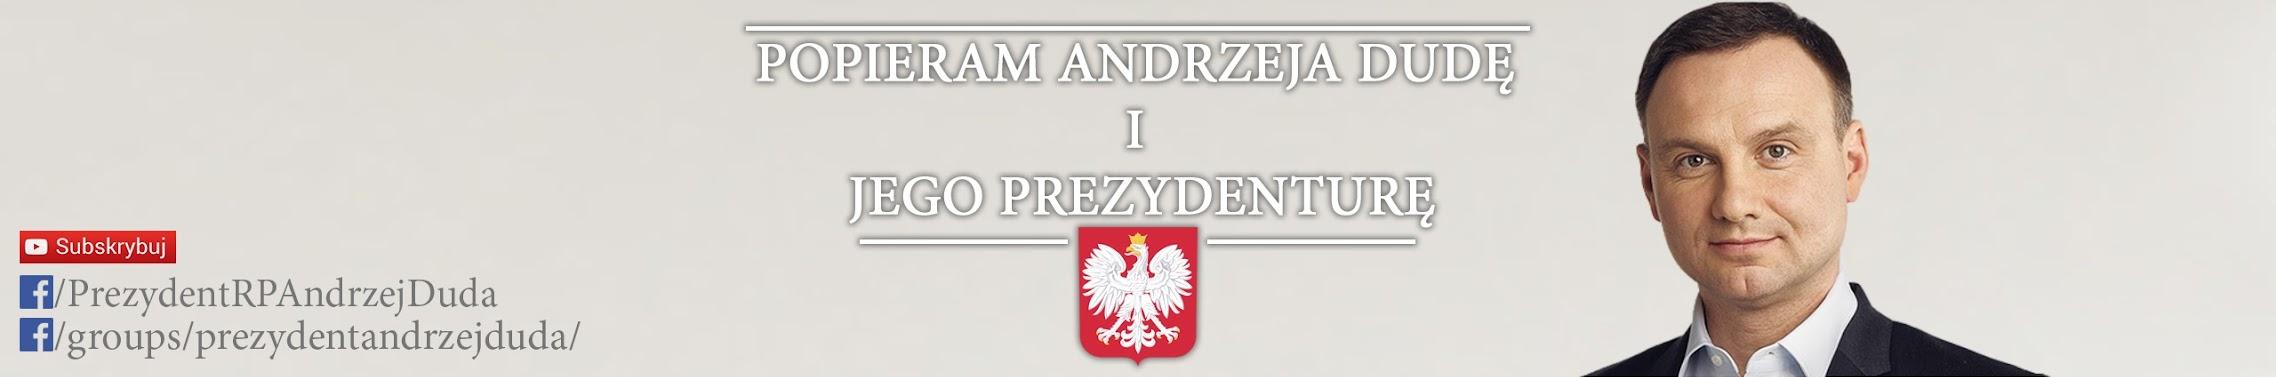 Popieram Andrzeja Dudę i Jego Prezydenturę